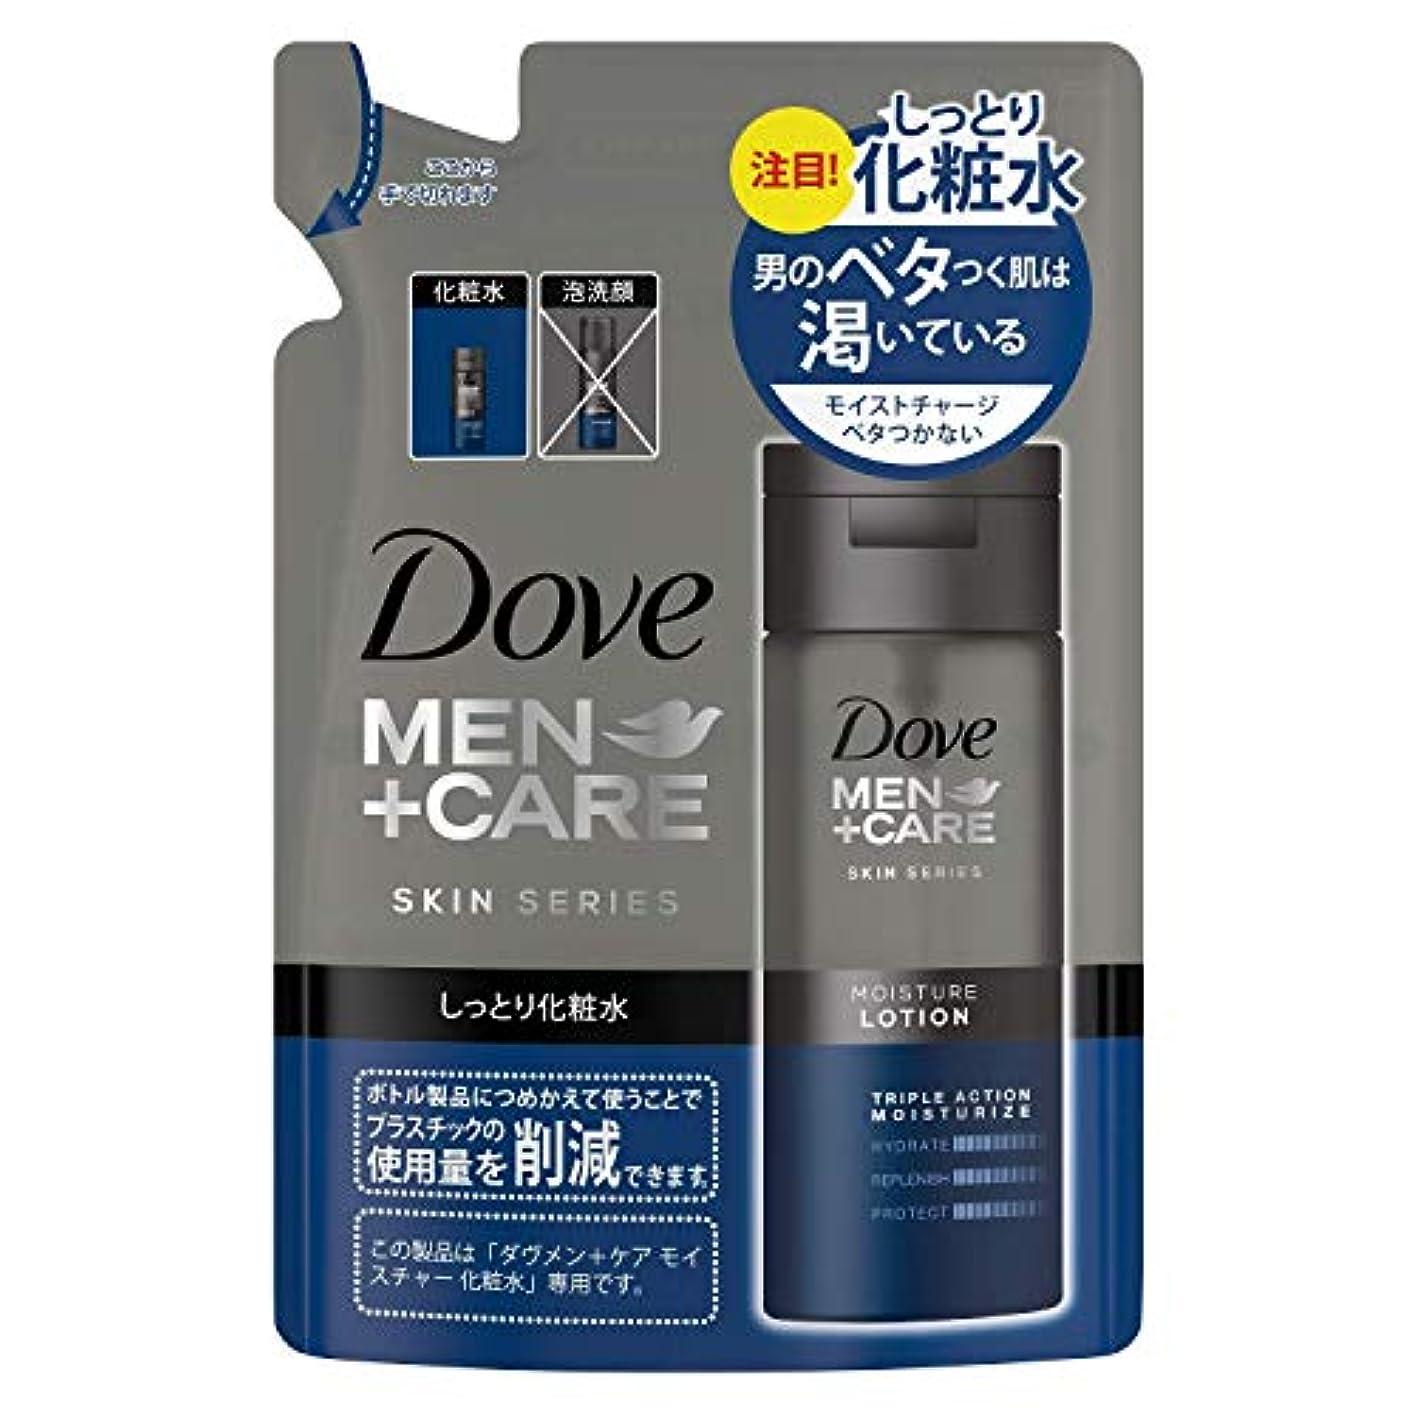 衰える安全性申し込むダヴメン+ケア モイスチャー 化粧水 つめかえ用130ml×3点